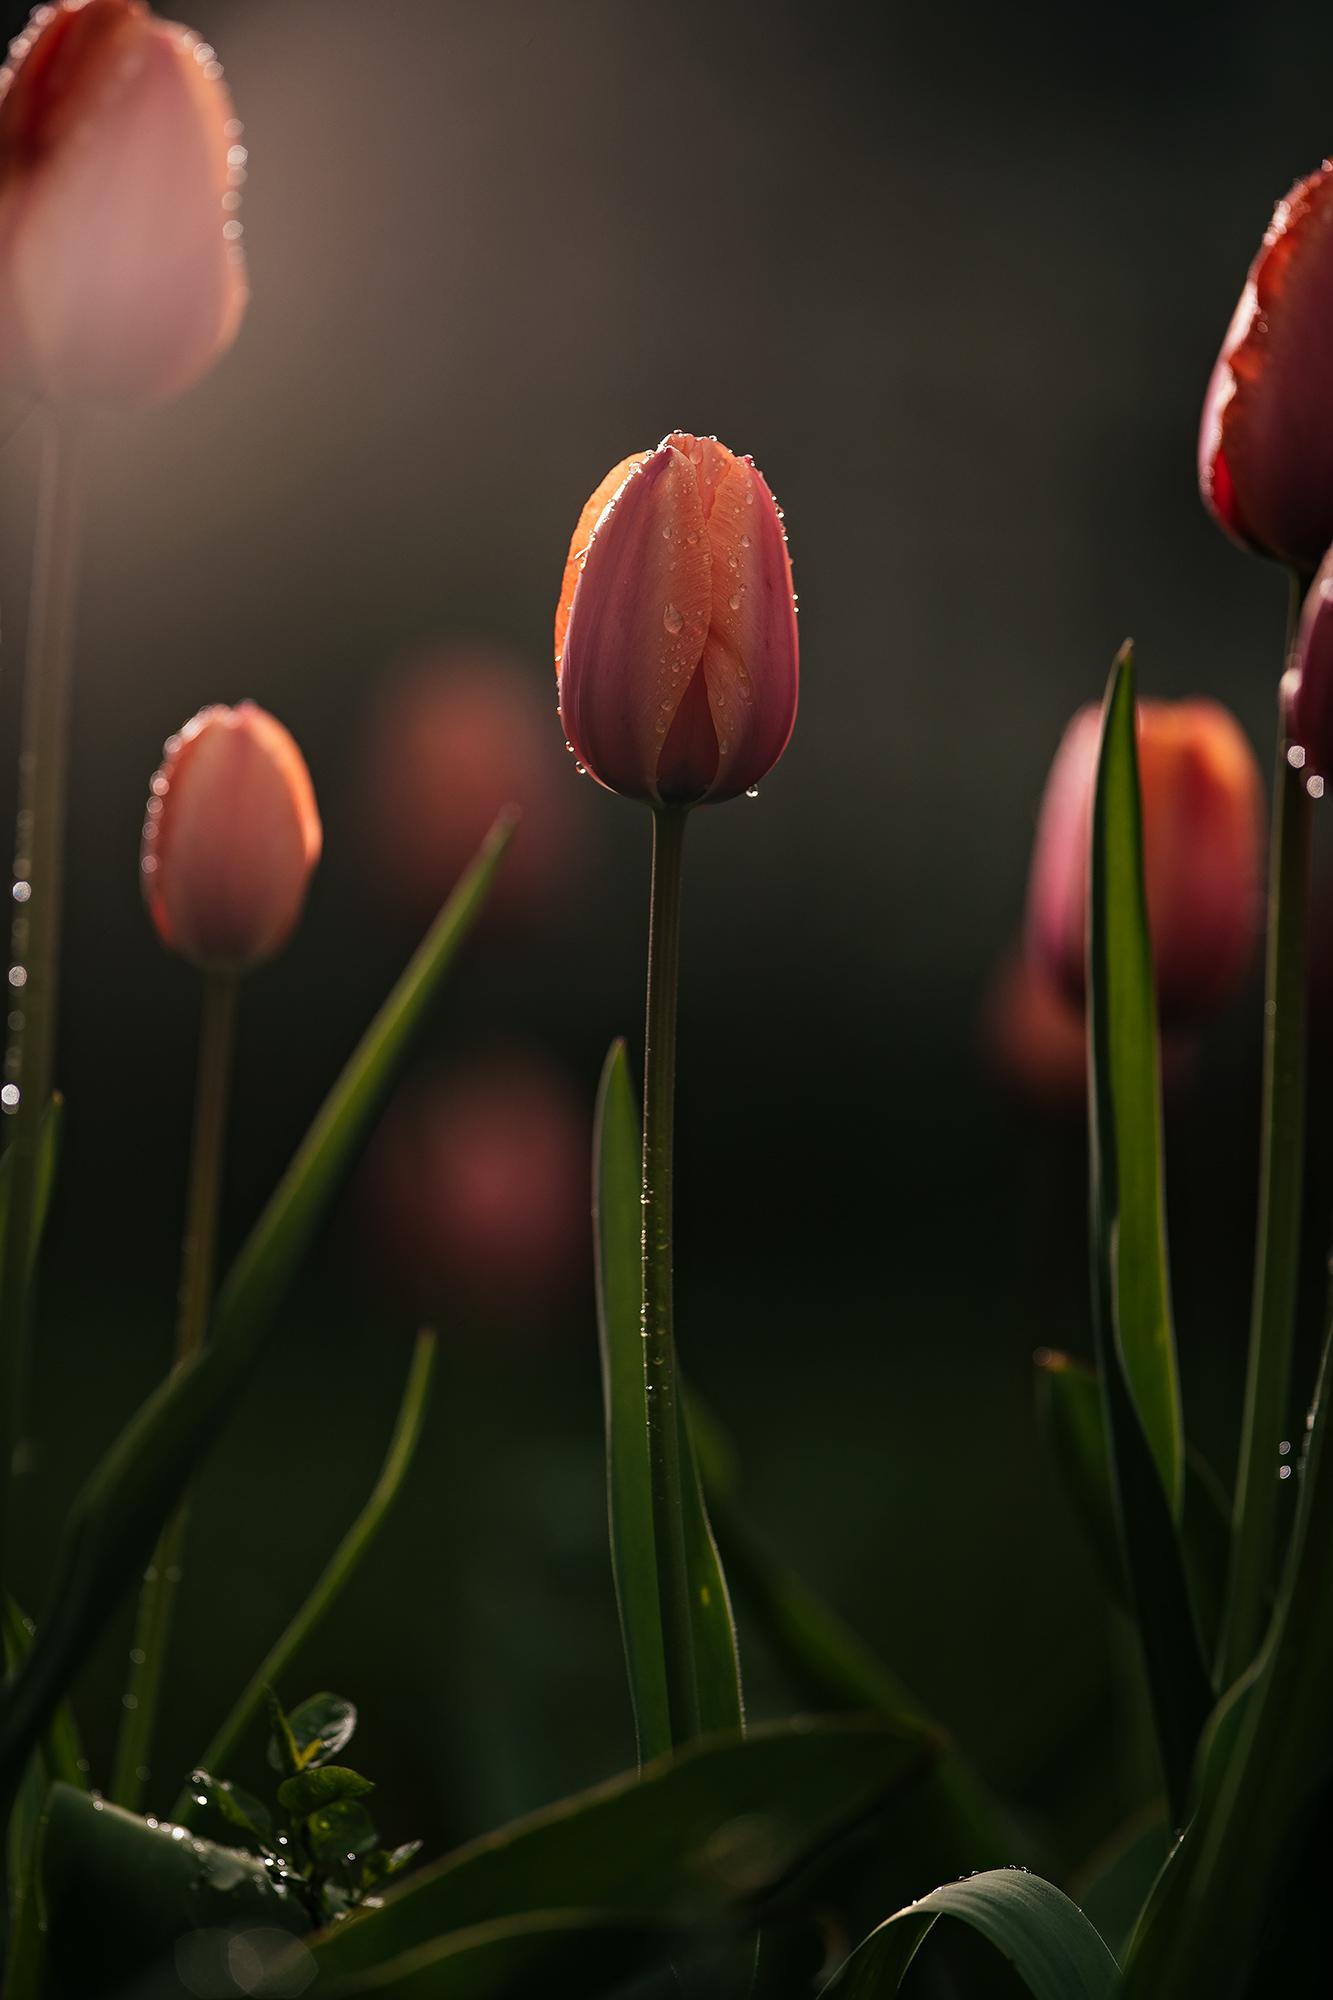 tulip_F0I5936_final_a.jpg